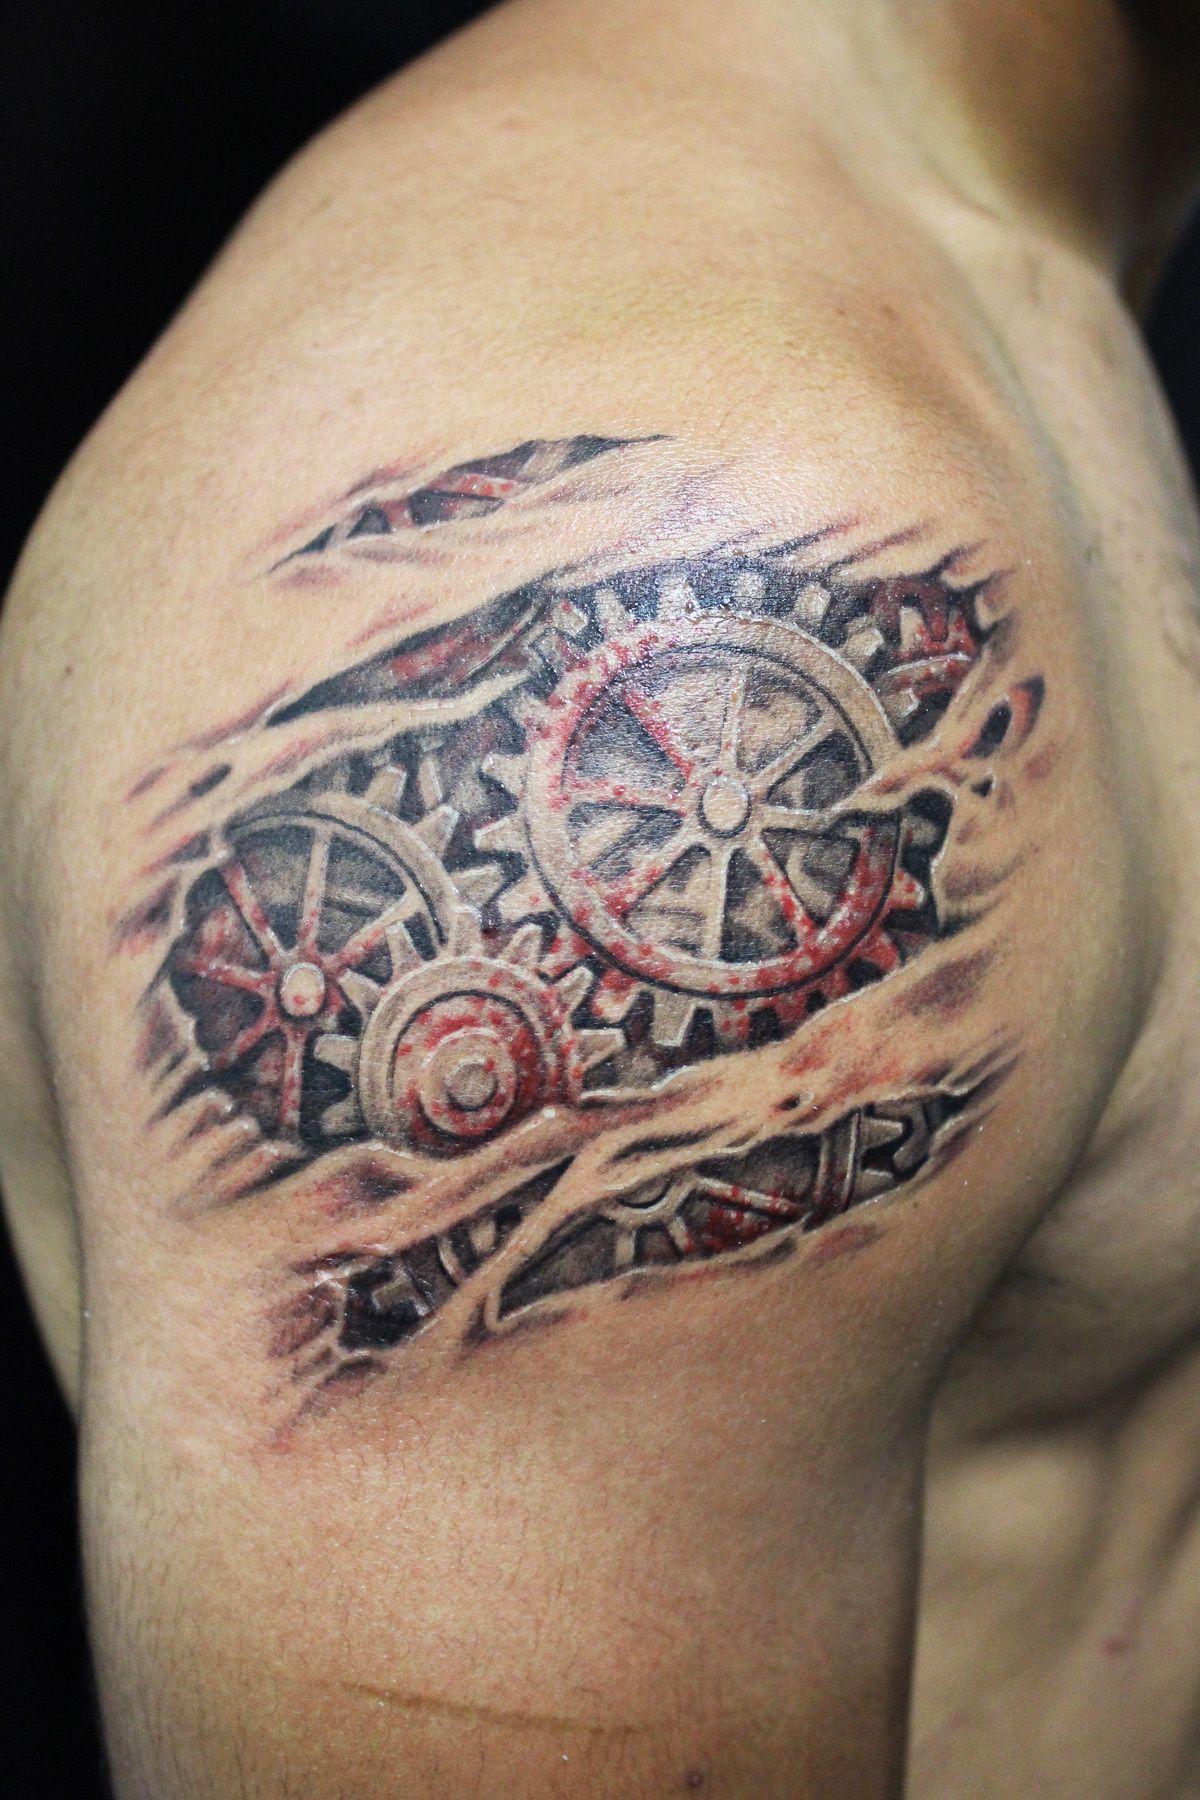 Tattoo gear tattoo sleeve mechanic tattoo mechanical tattoo gears - Tattoo Steampunk Google Search